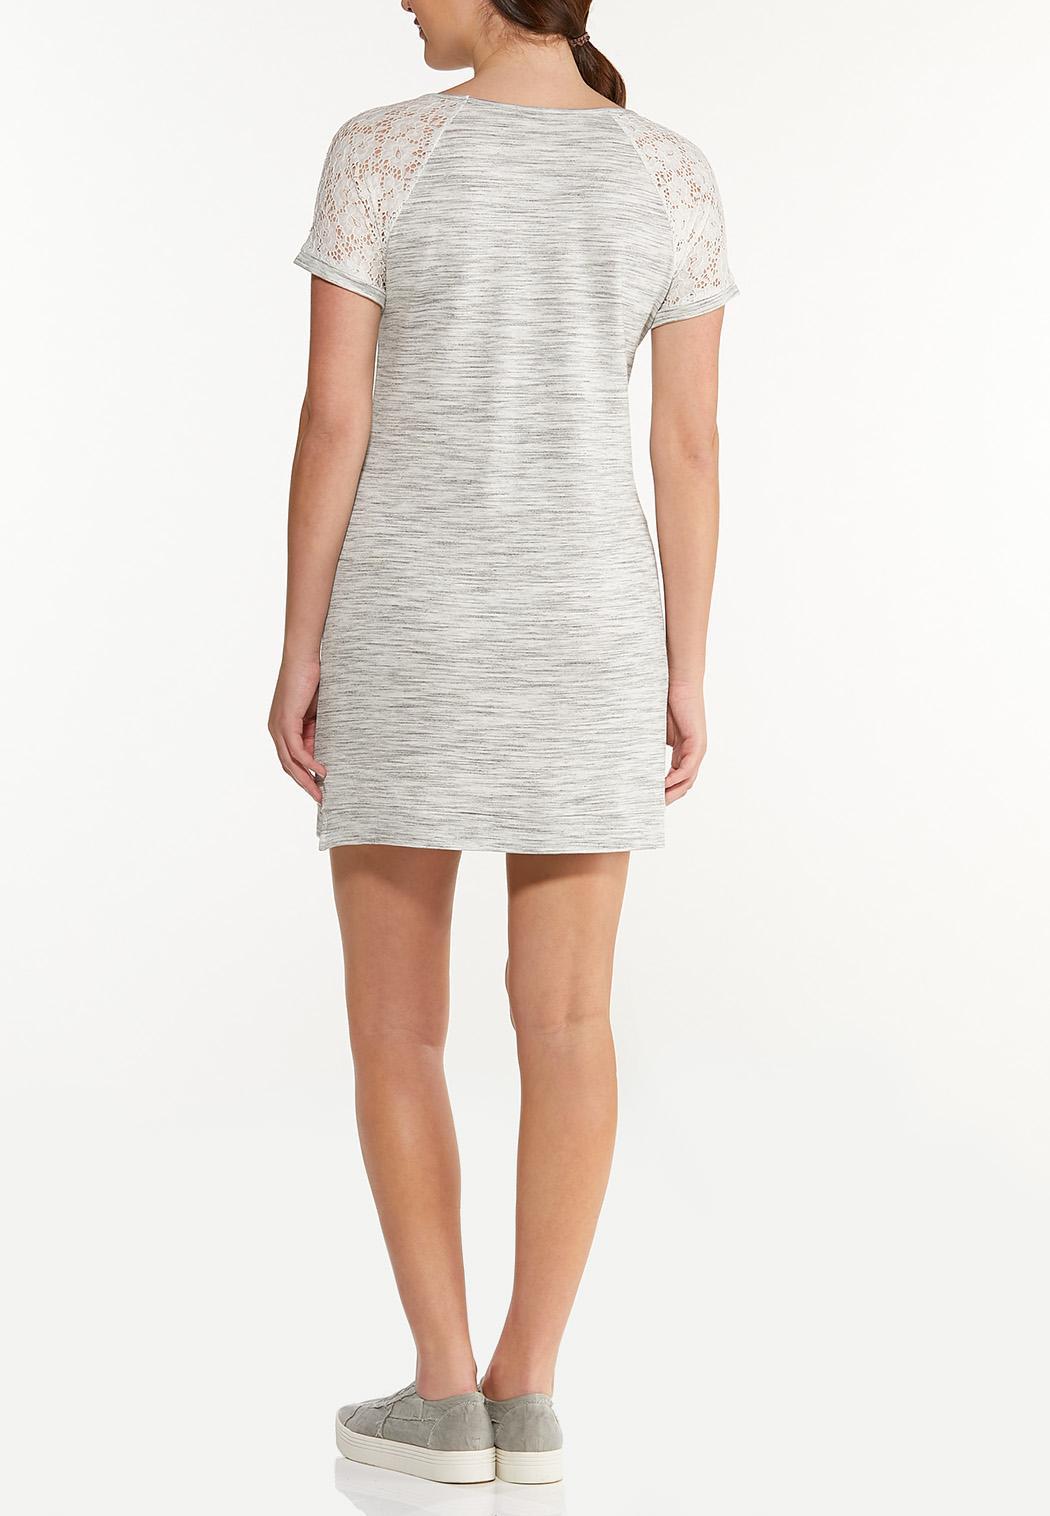 Plus Size Casual Lace Trim Dress (Item #44548467)